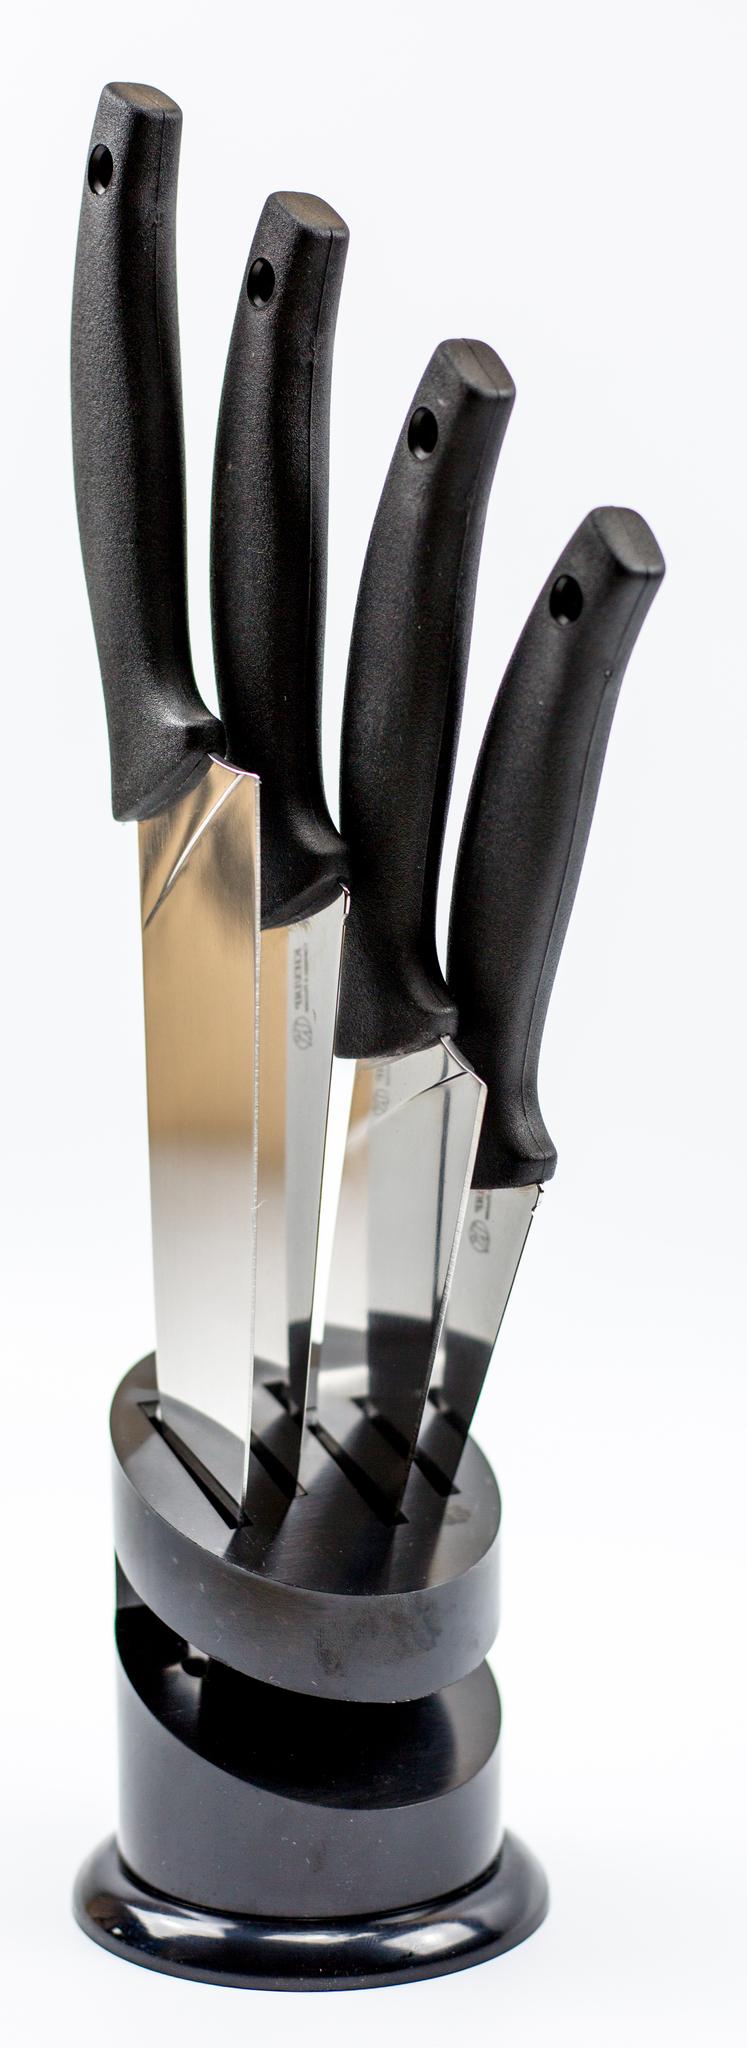 Купить со скидкой Набор кухонных ножей Квартет, Кизляр, с подставкой